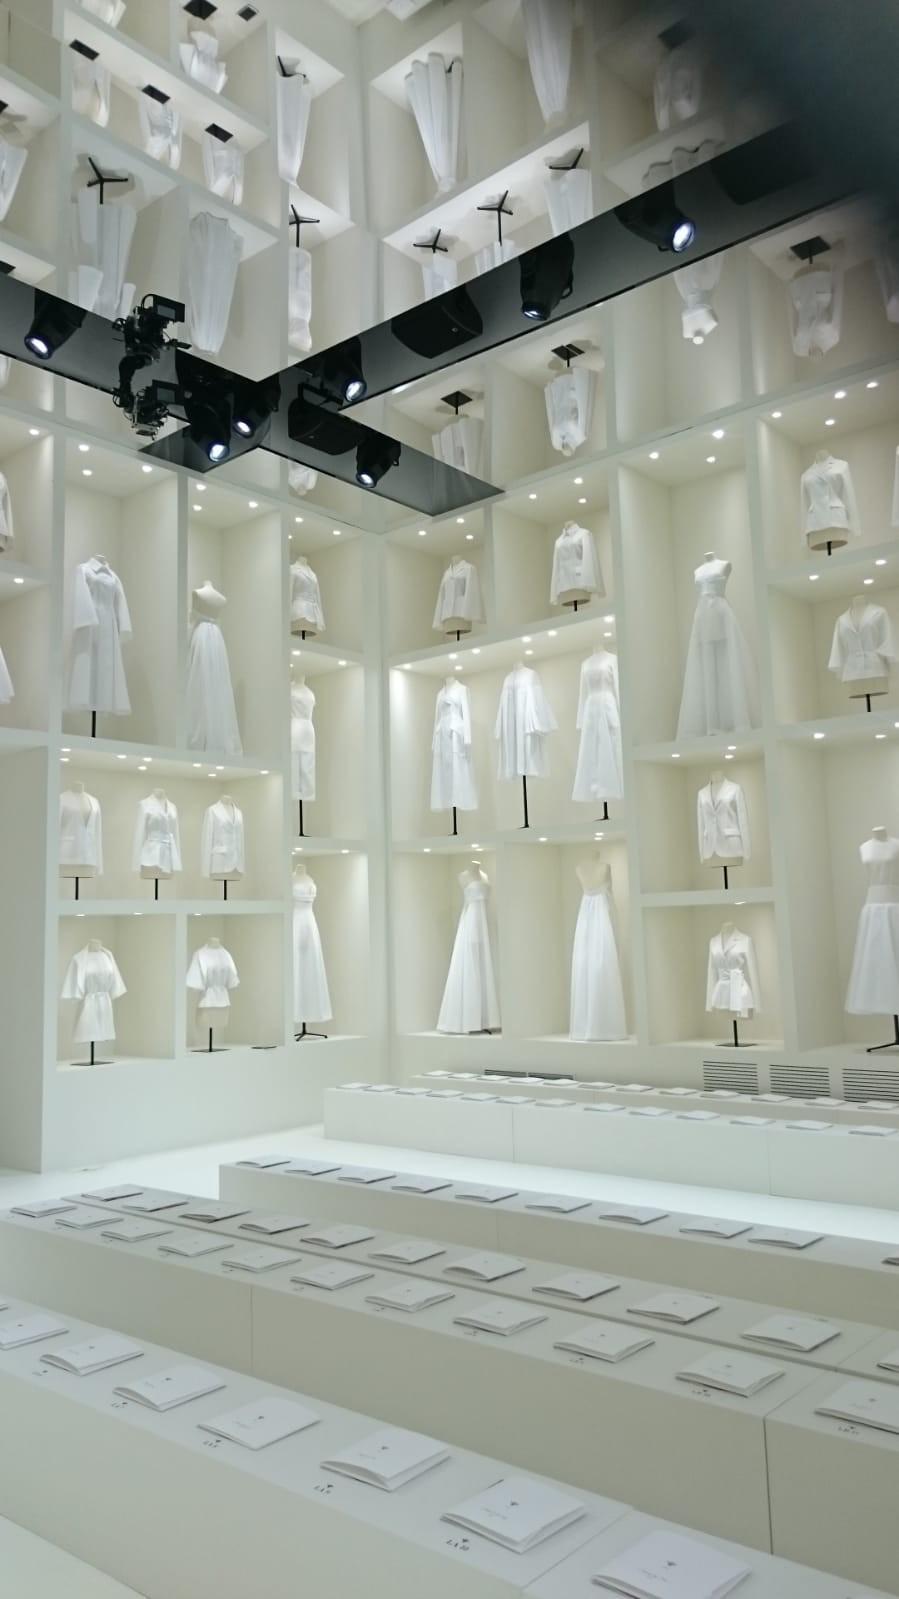 O cenário do desfile de alta-costura da Dior (Foto: Antonio Barros)